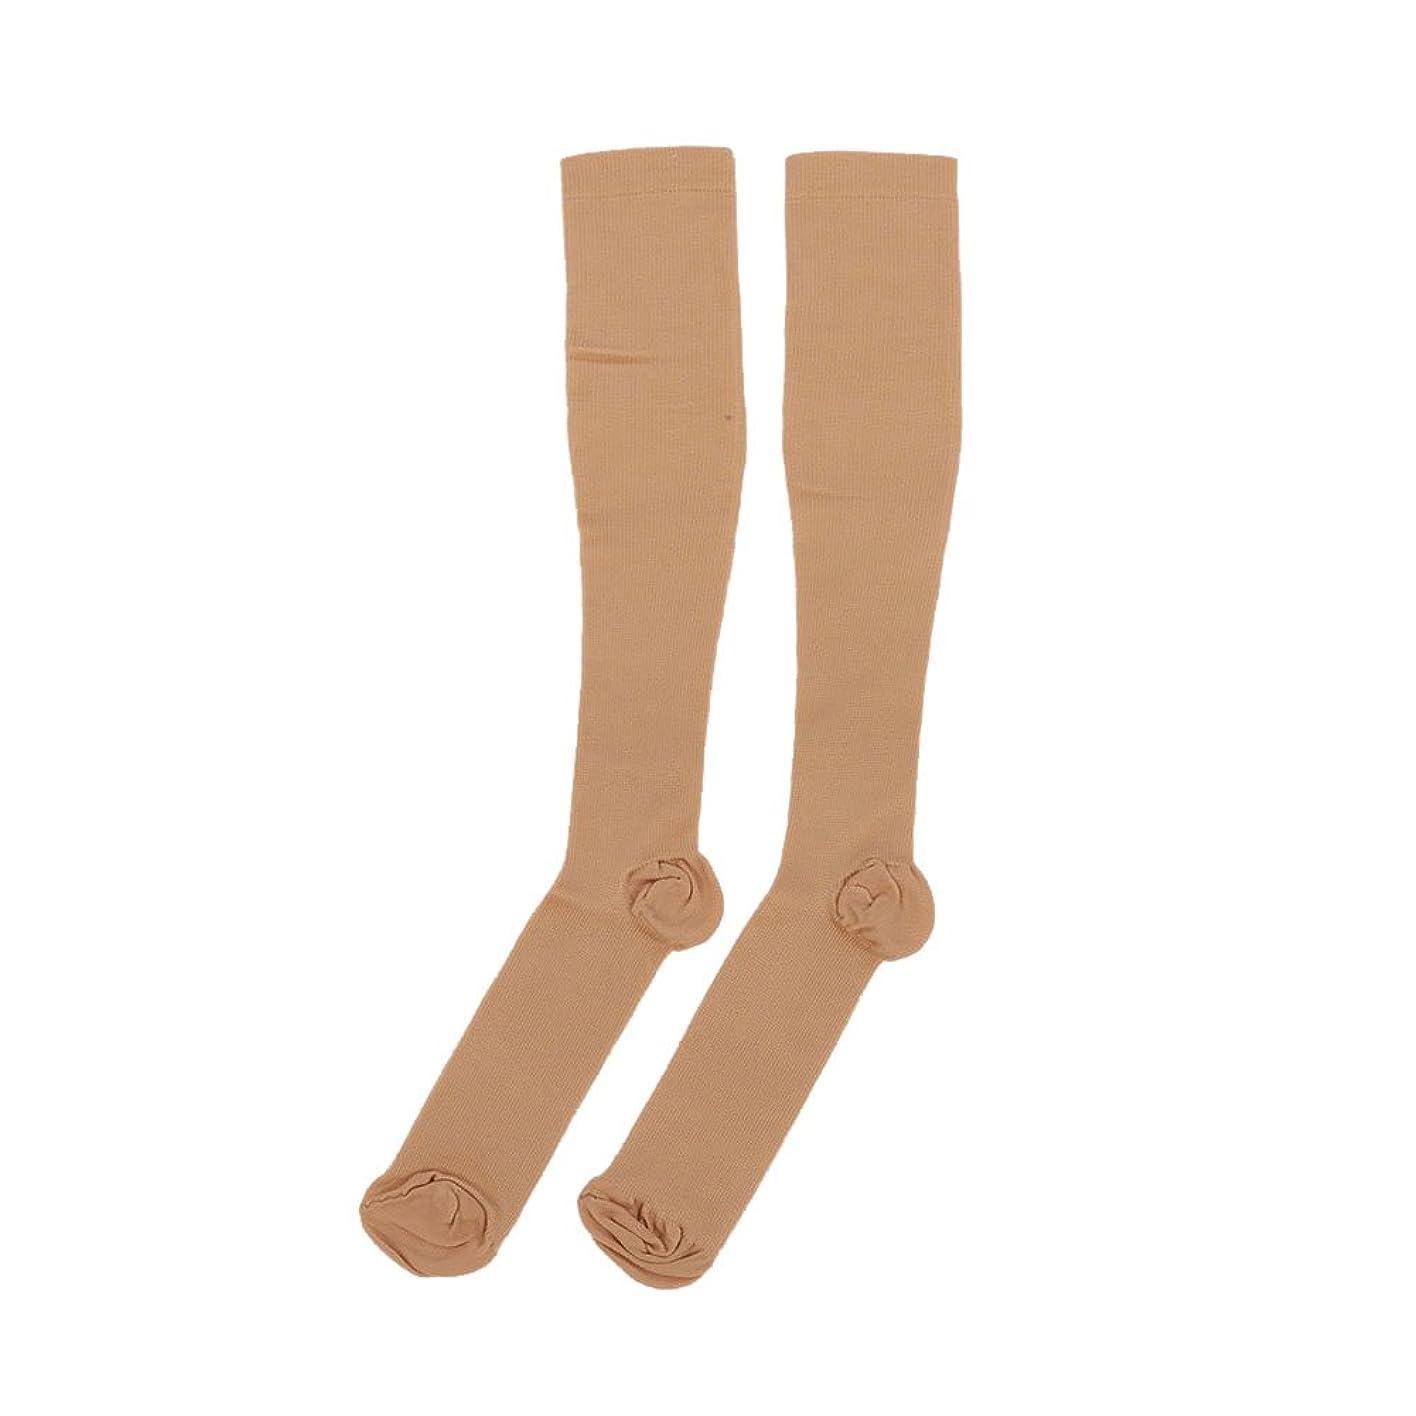 ブランク制限する重なるkasit 着圧ソックス 弾性ストッキング ハイソックス むくみ解消 美脚ふくらはぎソックス